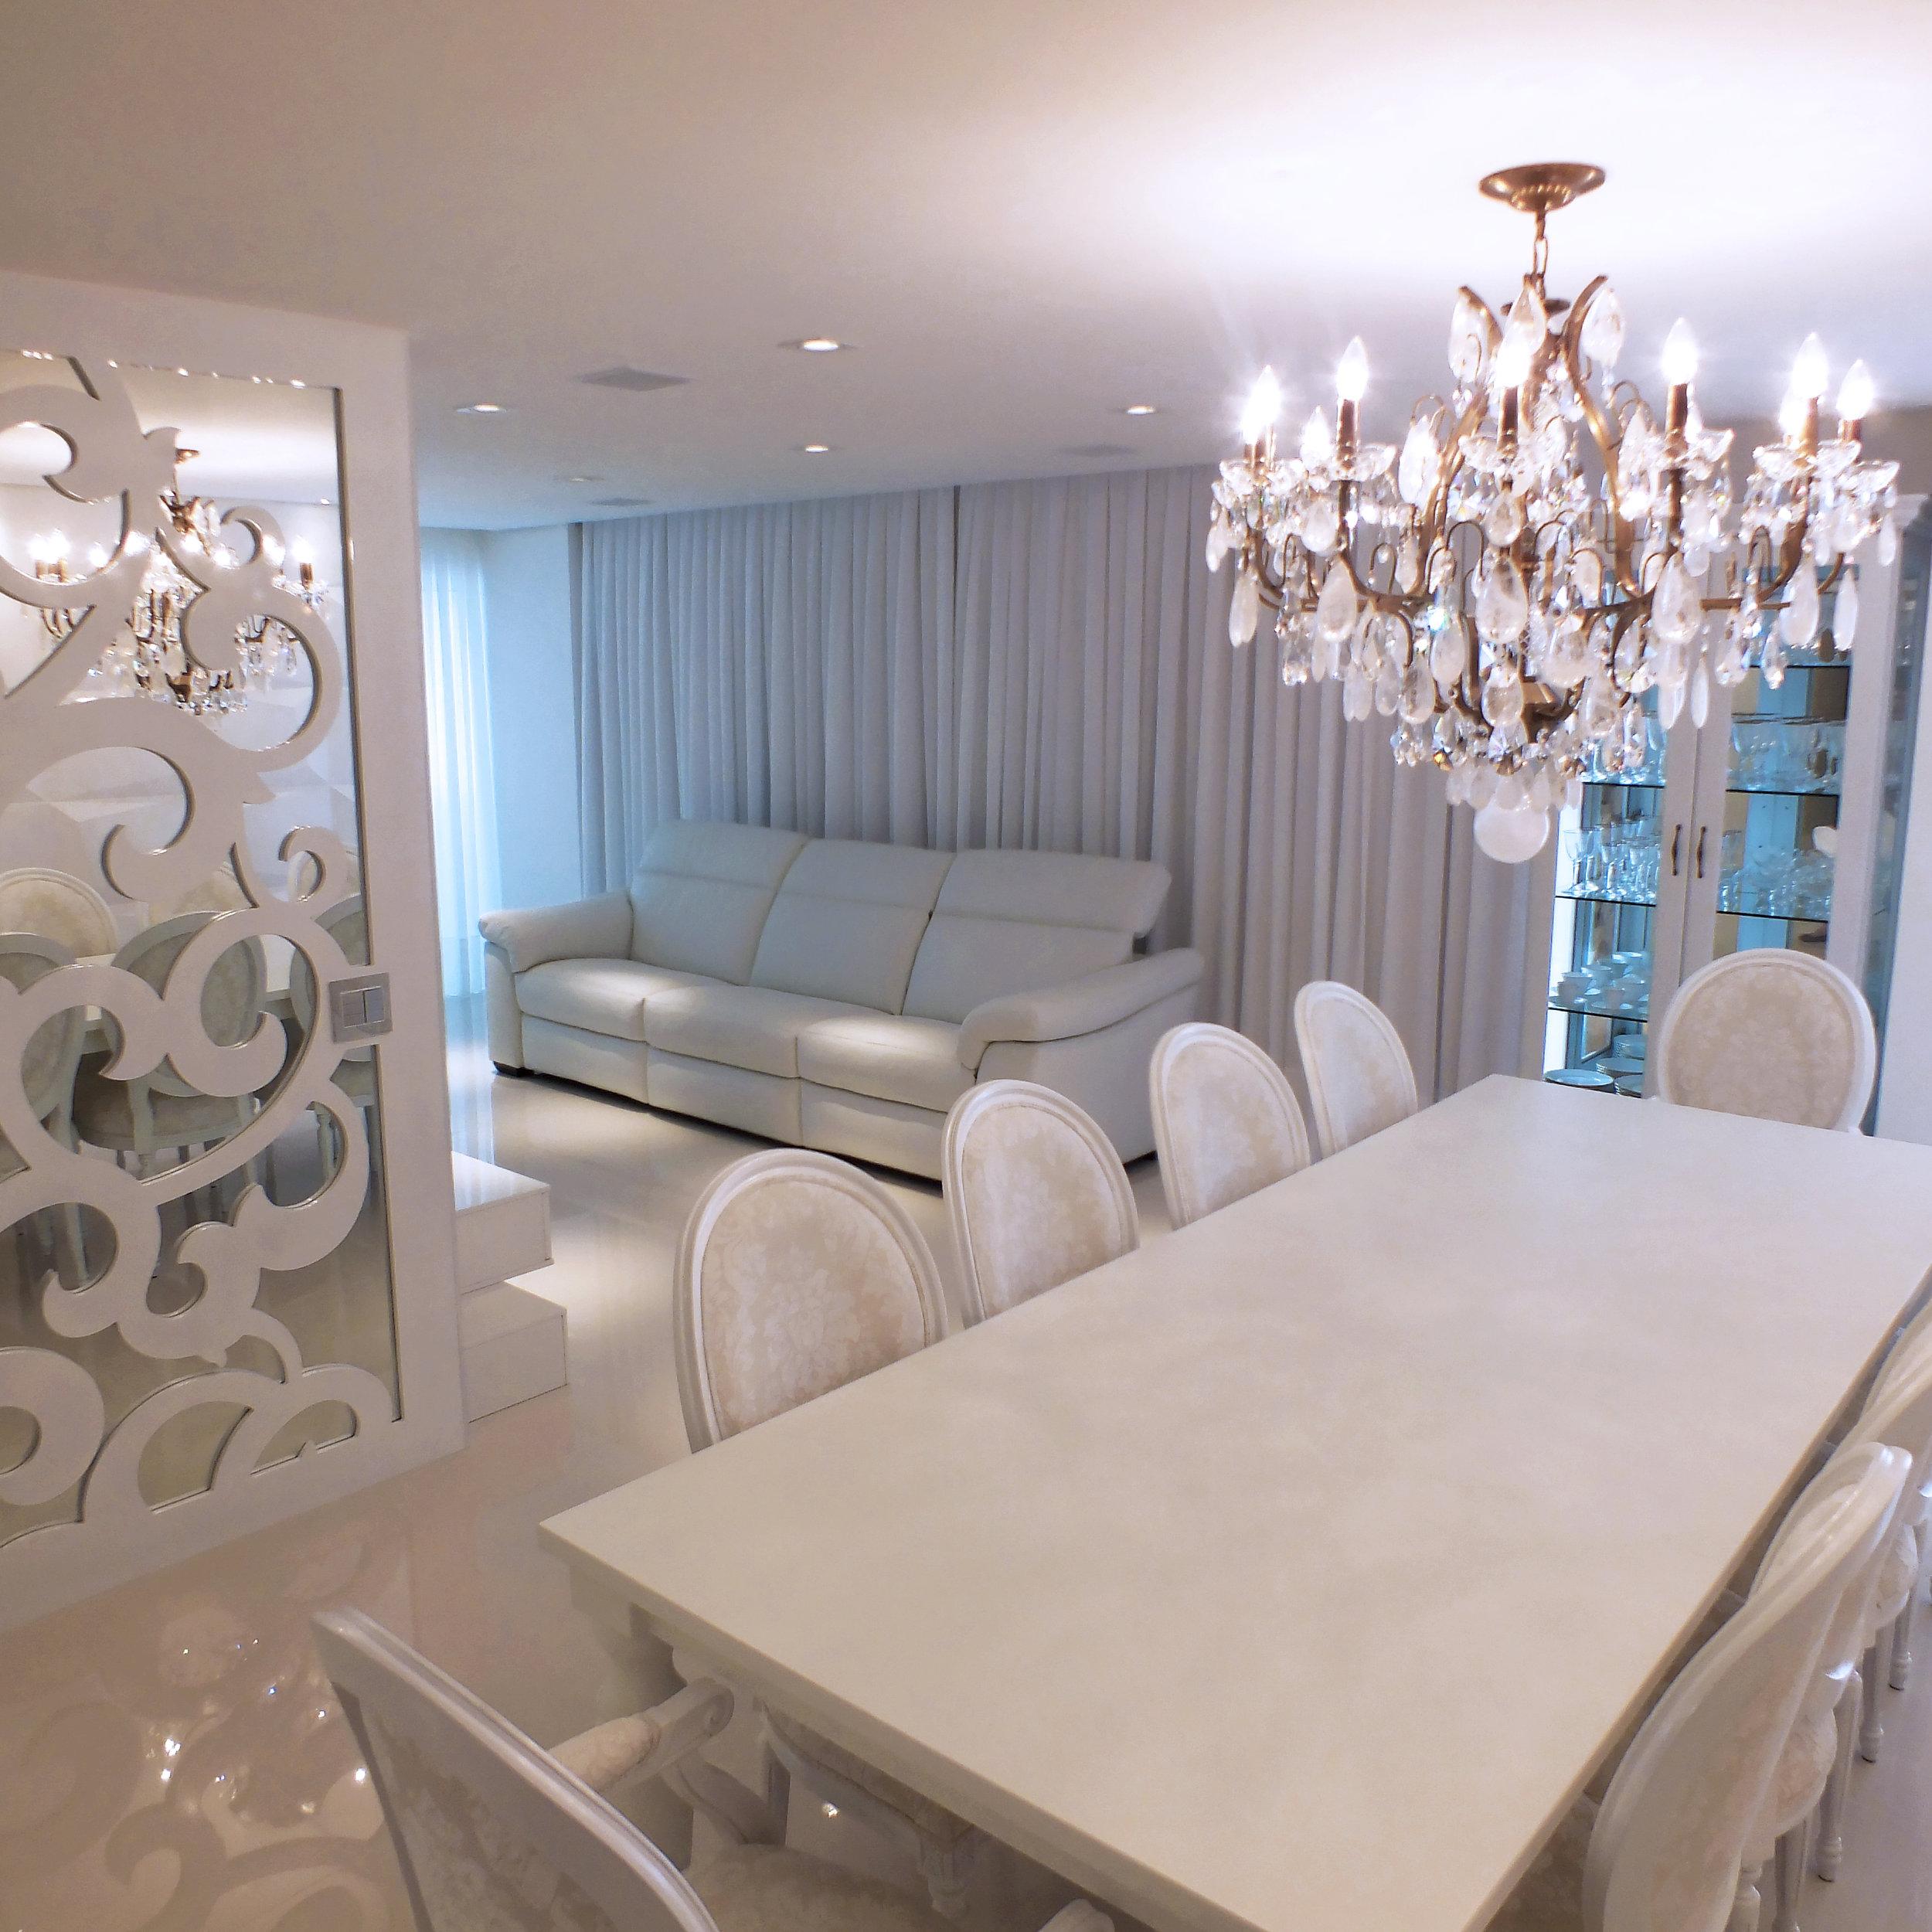 Lustre Mântova 12 braços em cristais de rocha extraclaro ambientado em sala de jantar em Caxias do Sul.